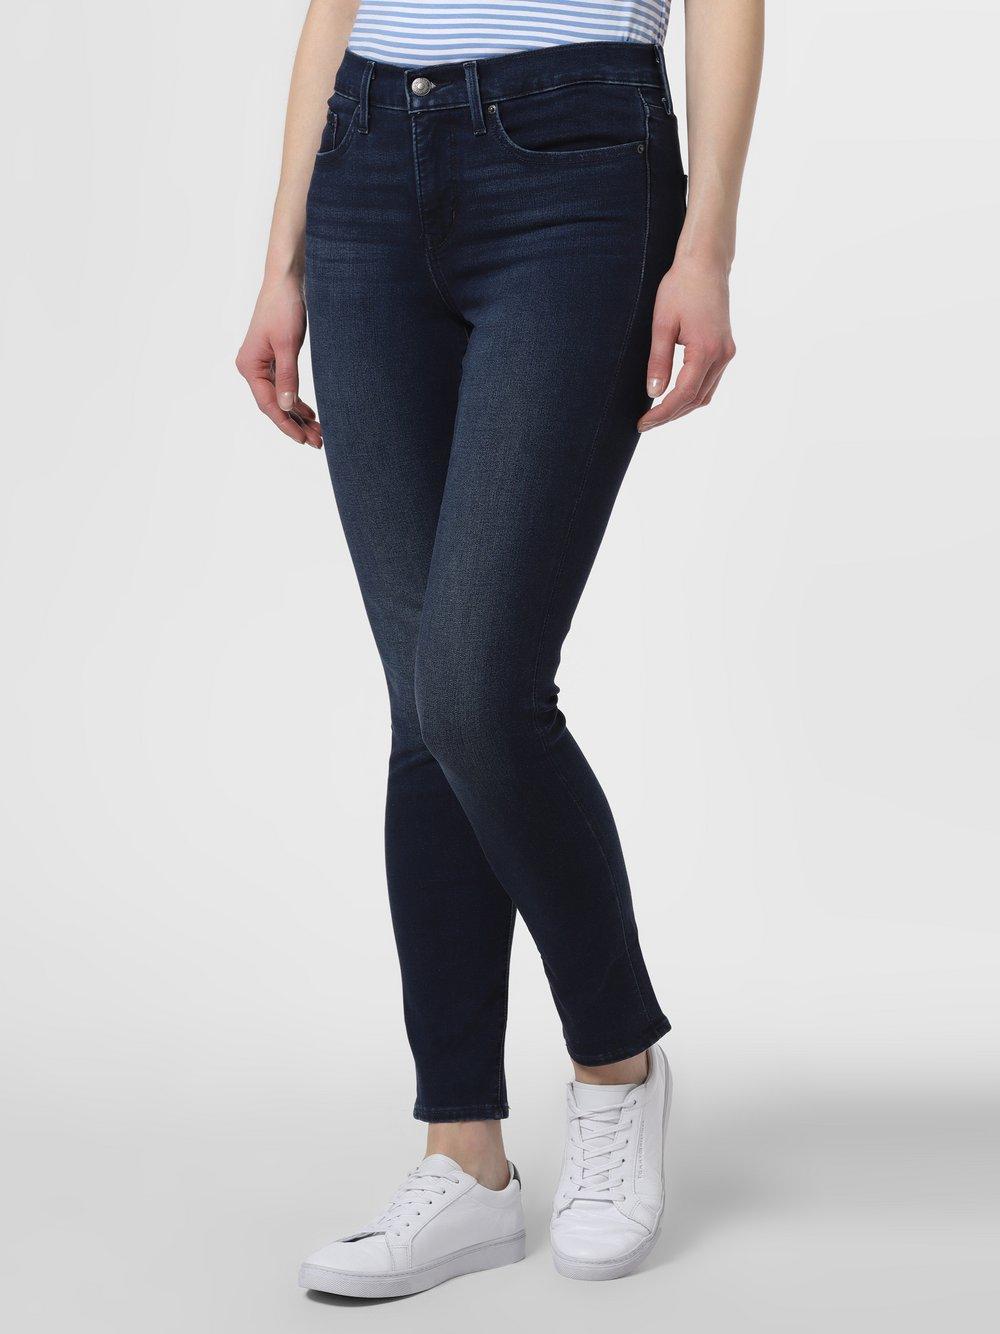 Levi's - Jeansy damskie – 311™ Shaping Skinny, niebieski